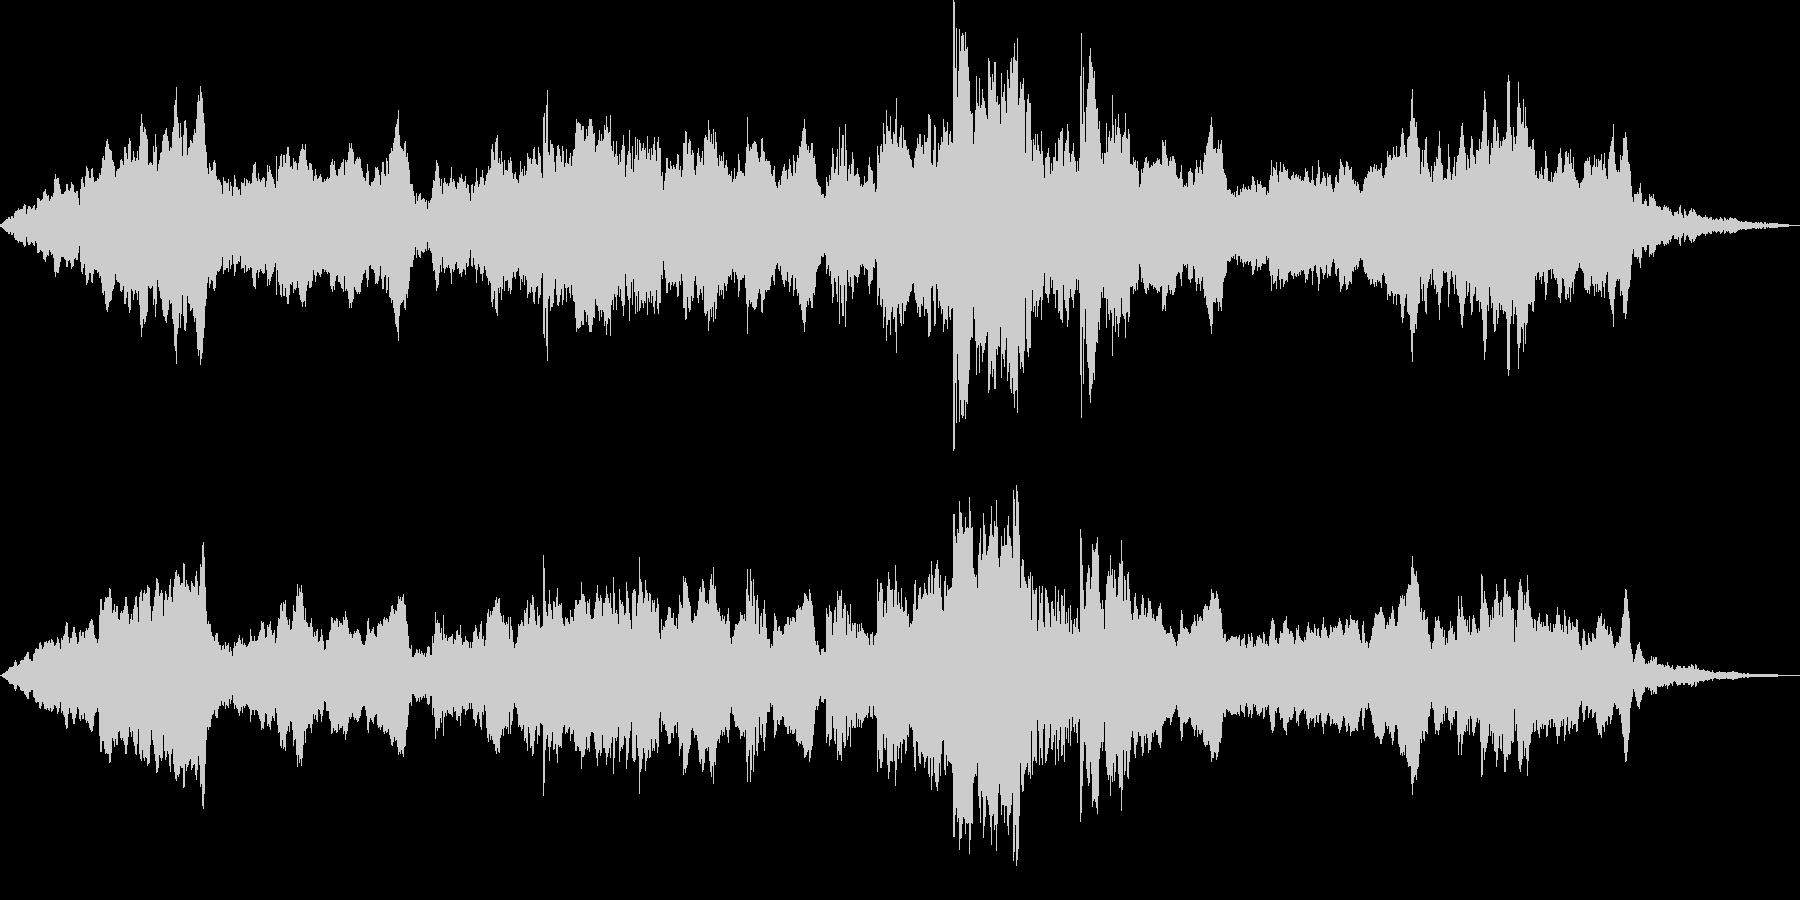 静かな風景 ヒーリングBGMの未再生の波形